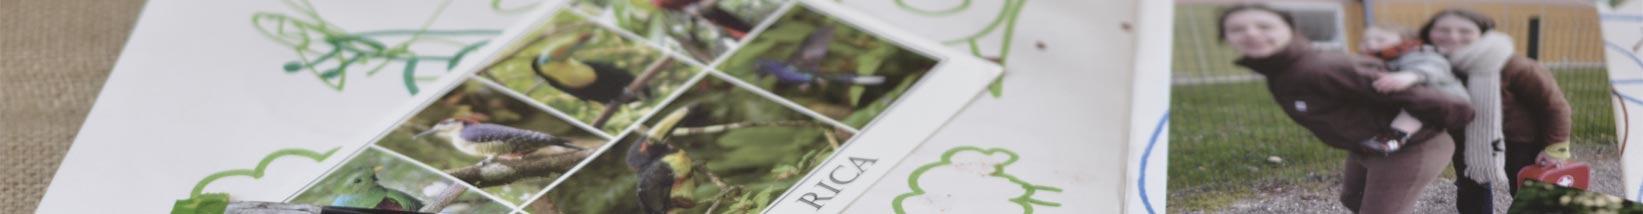 40+ idées pour un journal de vie écologique et récup'